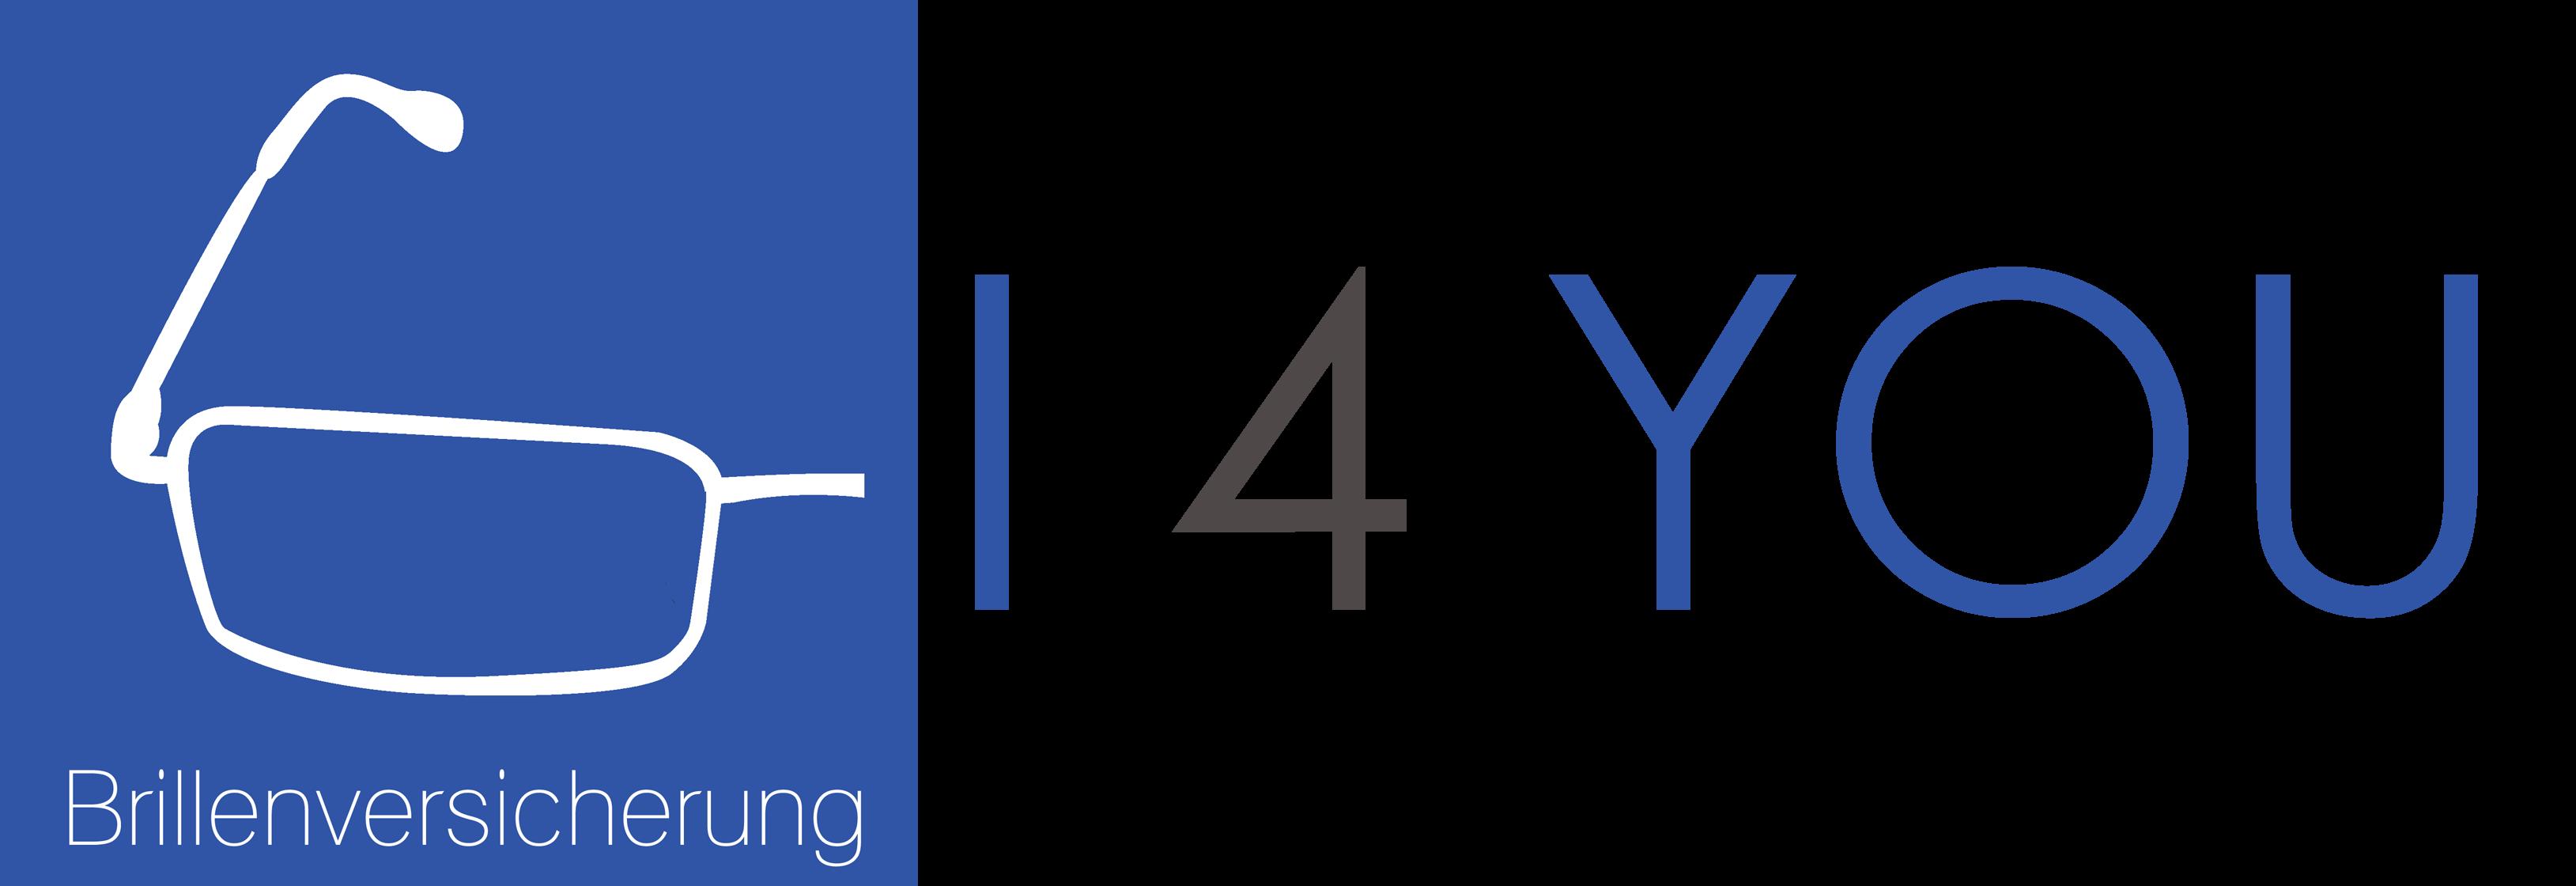 I4You Logo